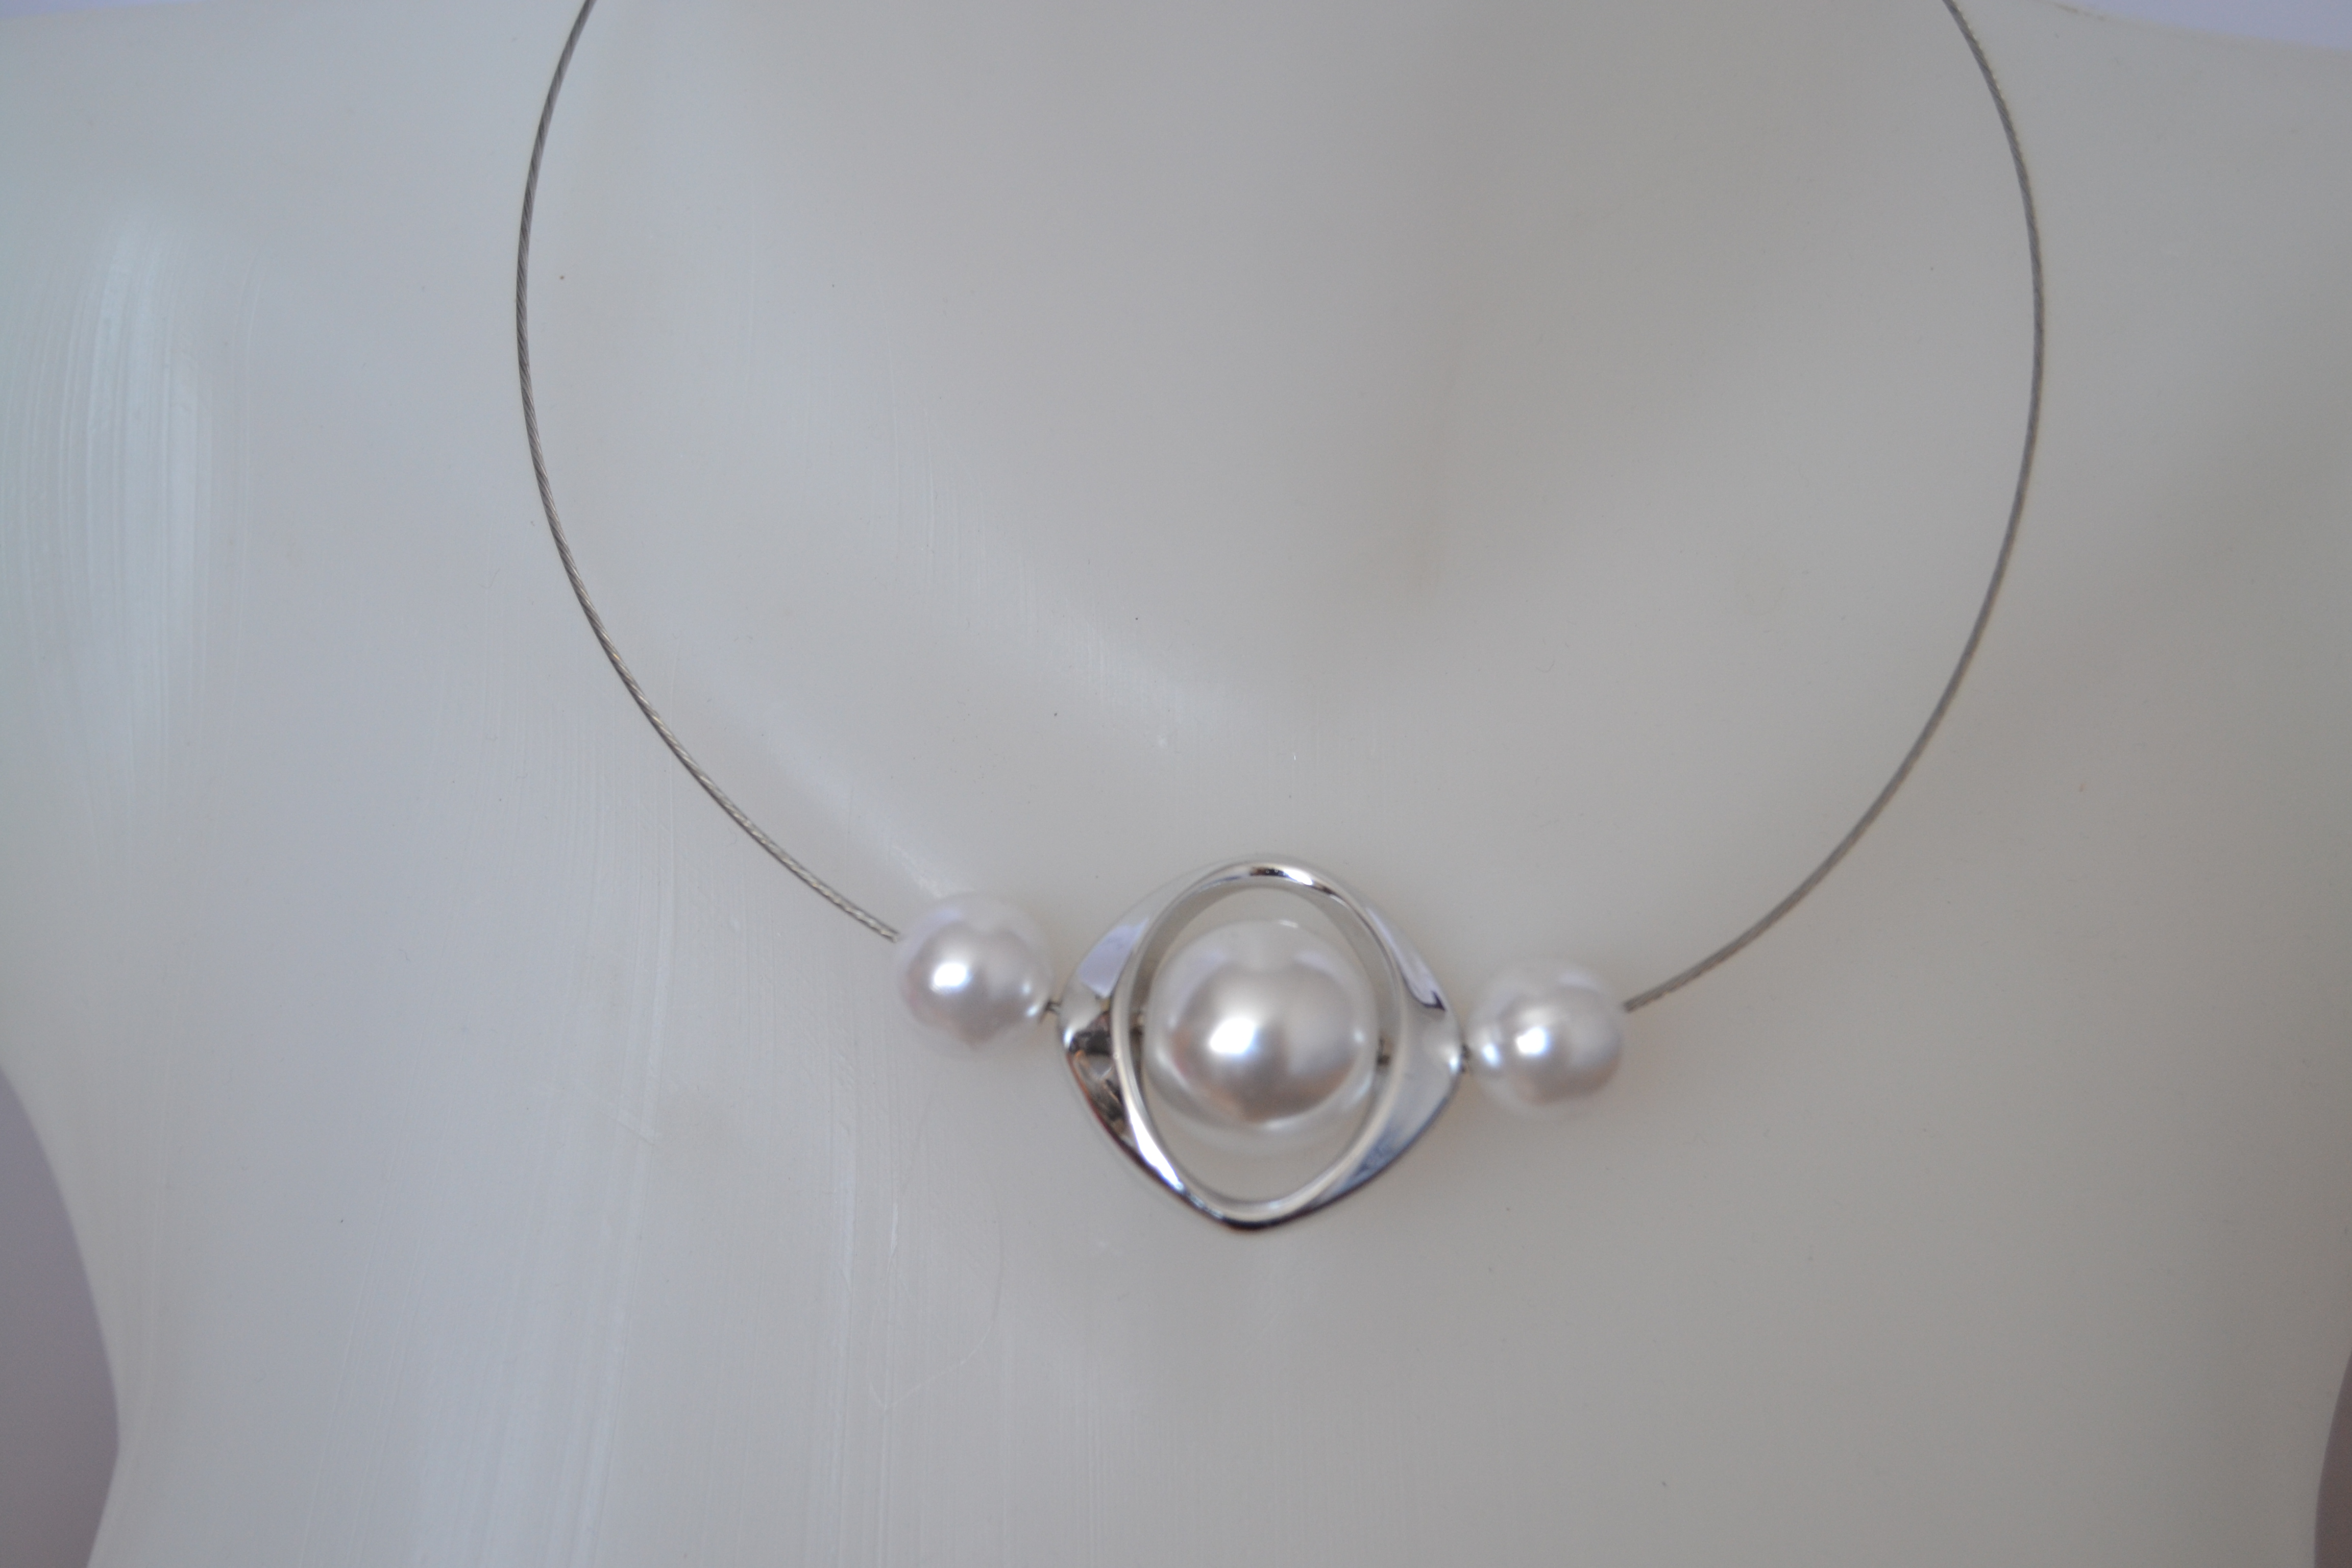 88392afaa Náhrdelník obruč s bílými perlami | šperkovnice Jana